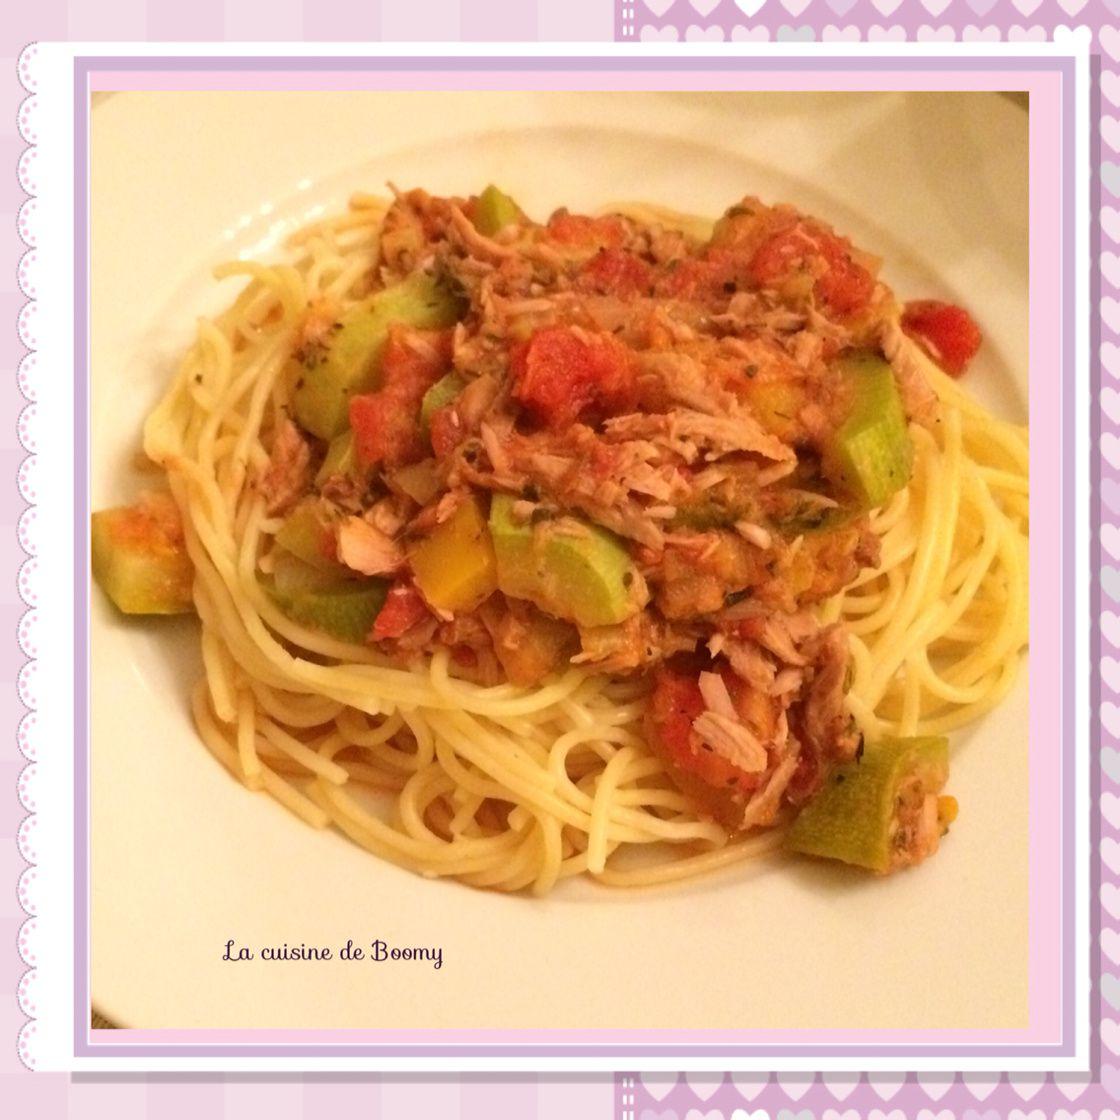 spaghetti au thon et aux l gumes ww la cuisine de boomy. Black Bedroom Furniture Sets. Home Design Ideas